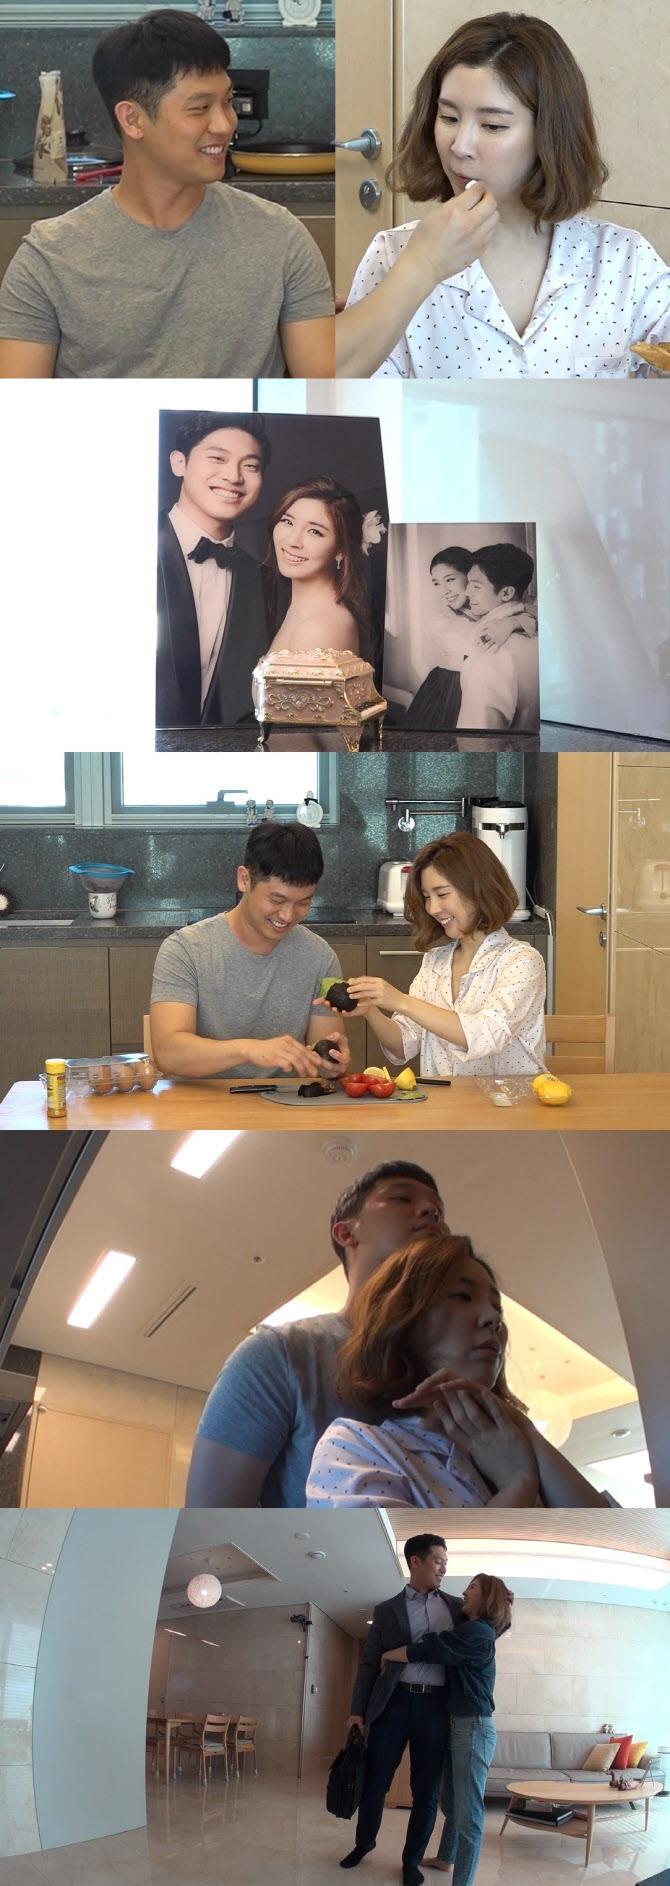 '전참시' 함연지, 훈남 남편과 신혼생활 공개…'껌딱지 부부'